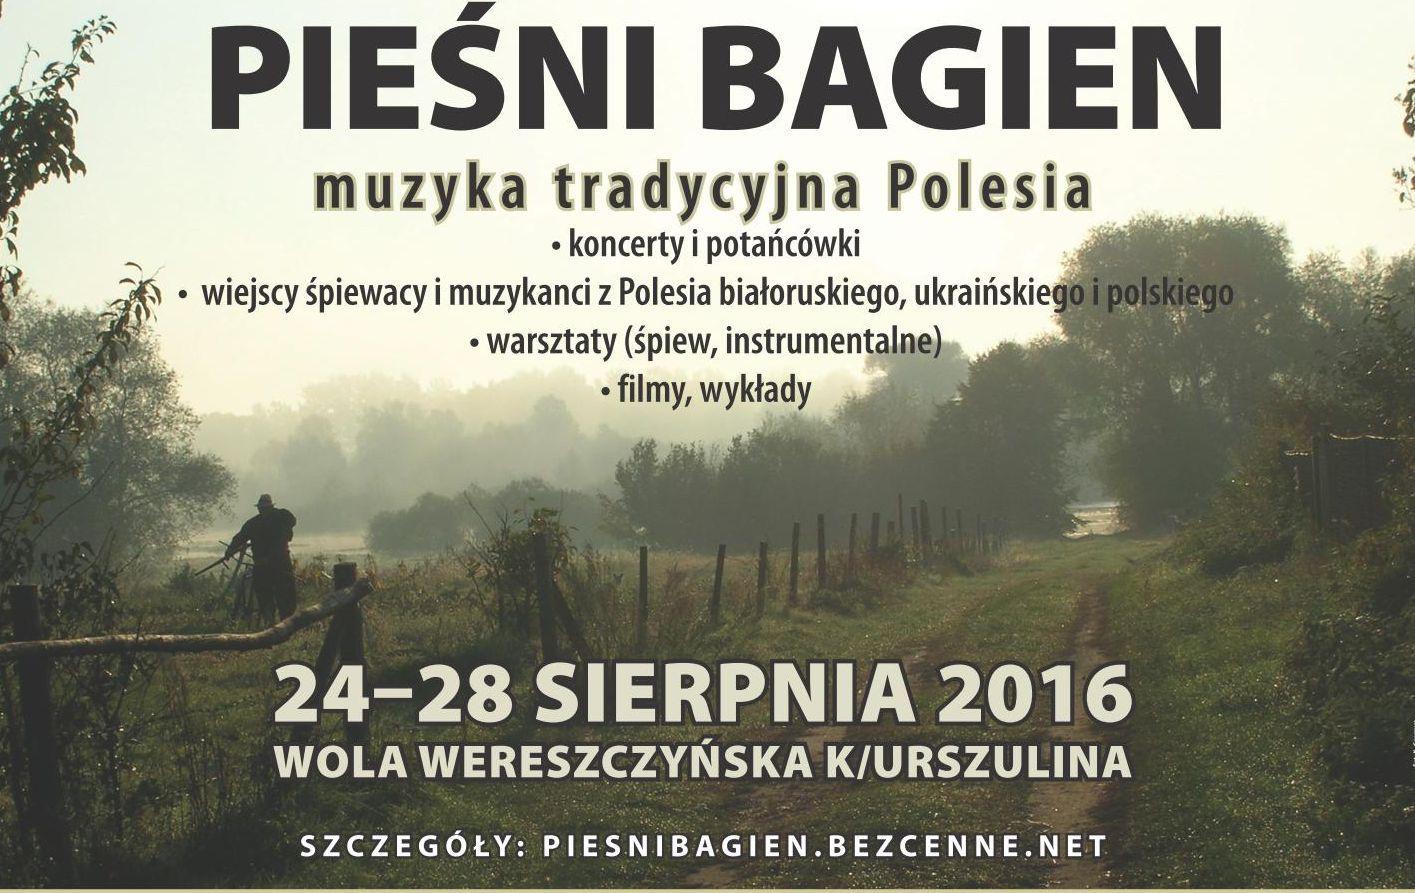 """""""Pieśni bagien. Muzyka tradycyjna Polesia"""" – plakat (źródło: materiały prasowe organizatora)"""